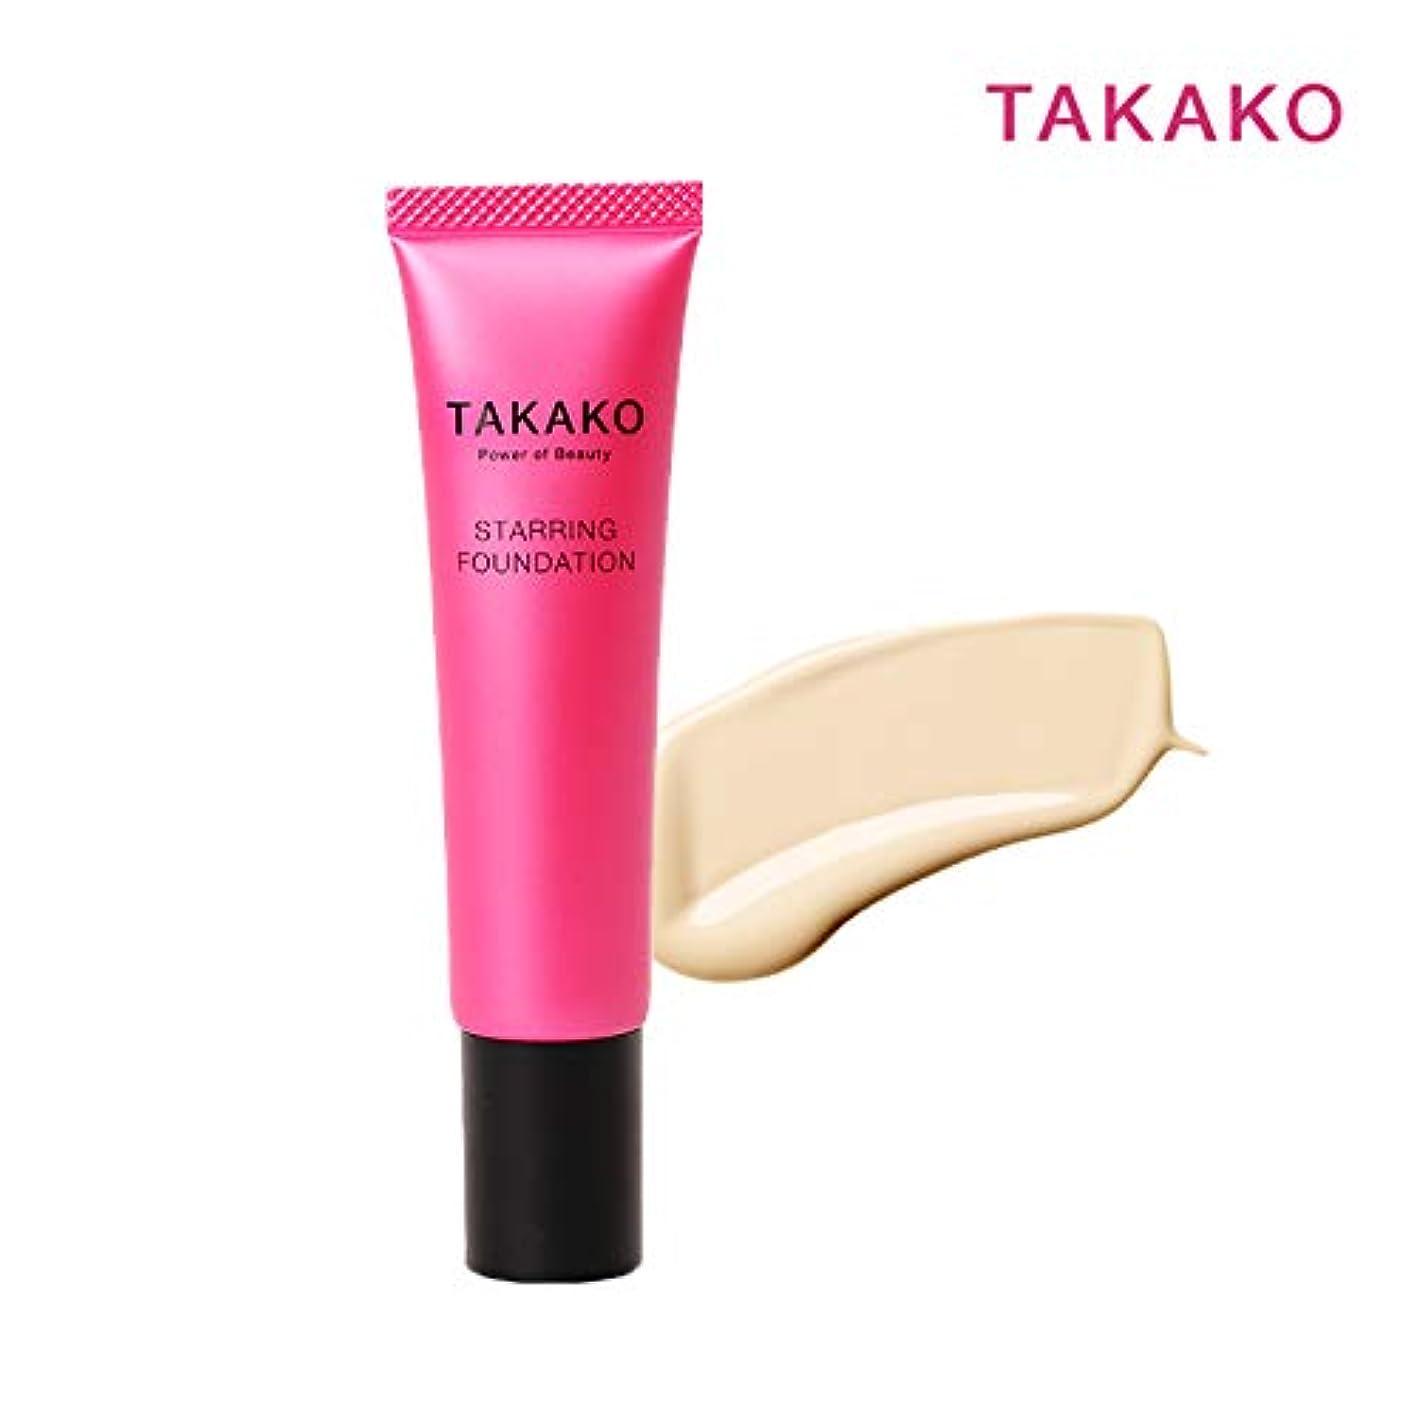 太陽契約するパイロットTAKAKO スターリングファンデーション リキッドファンデーション SPF20 PA++ 30g【タカコ コスメ】TAKAKO Power of Beauty STARRING FOUNDATION